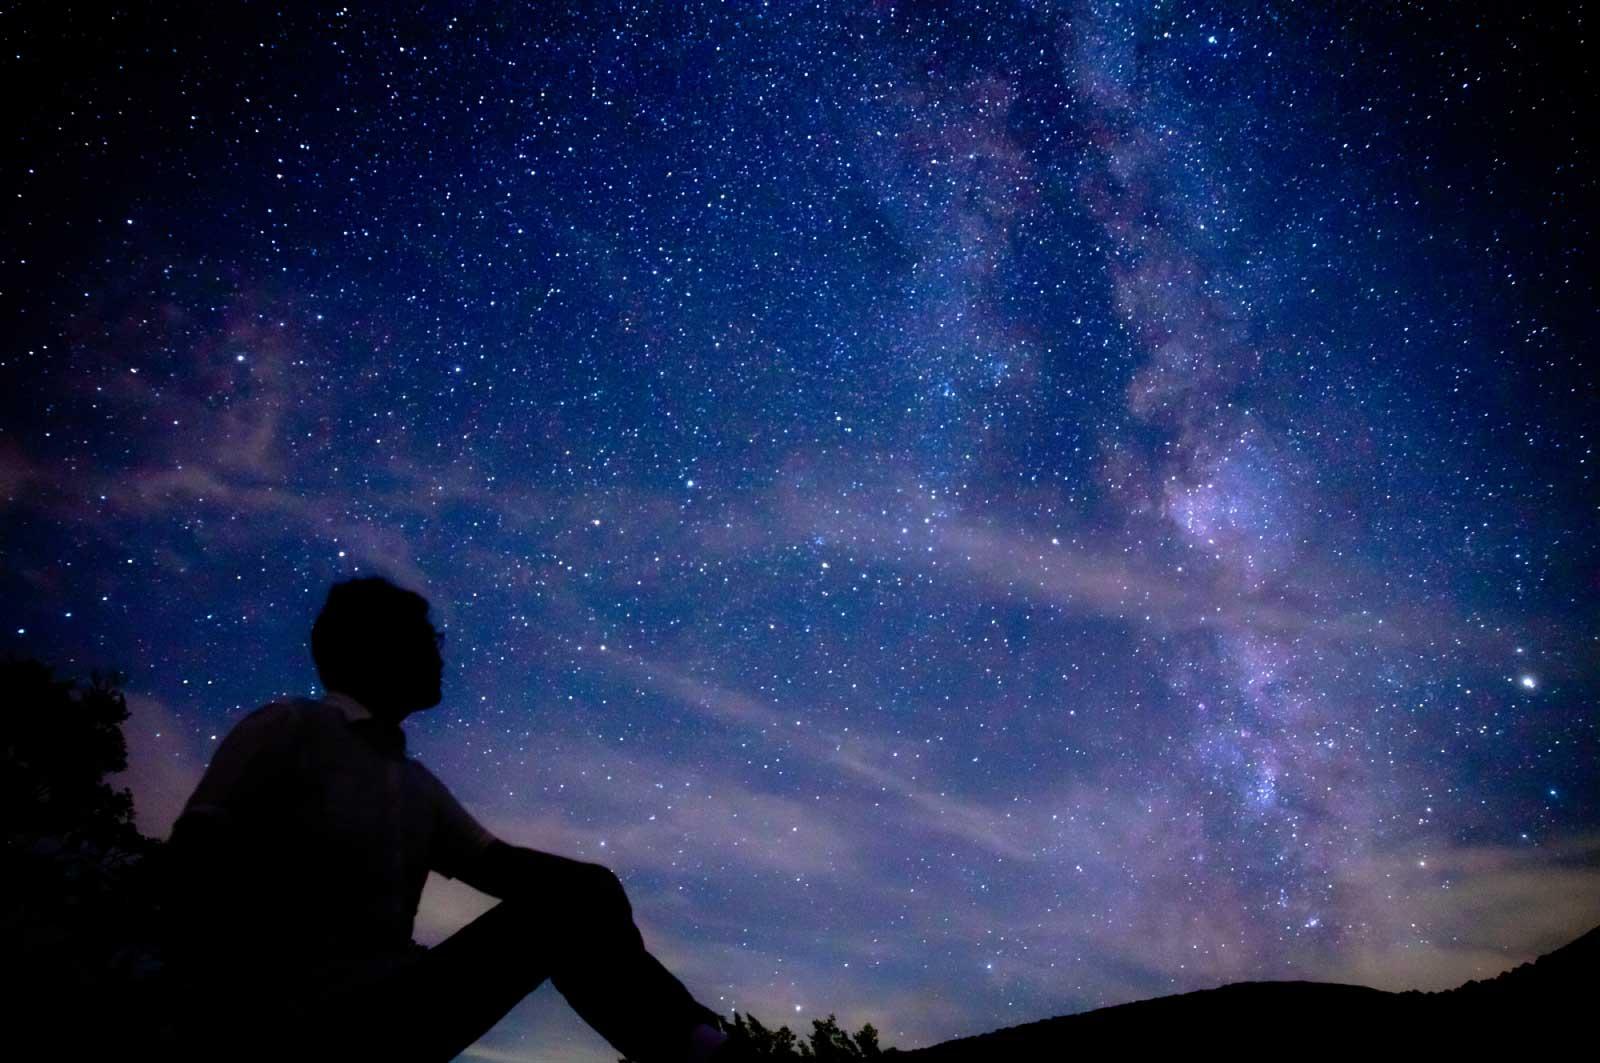 天体観測を今すぐ始めてみて